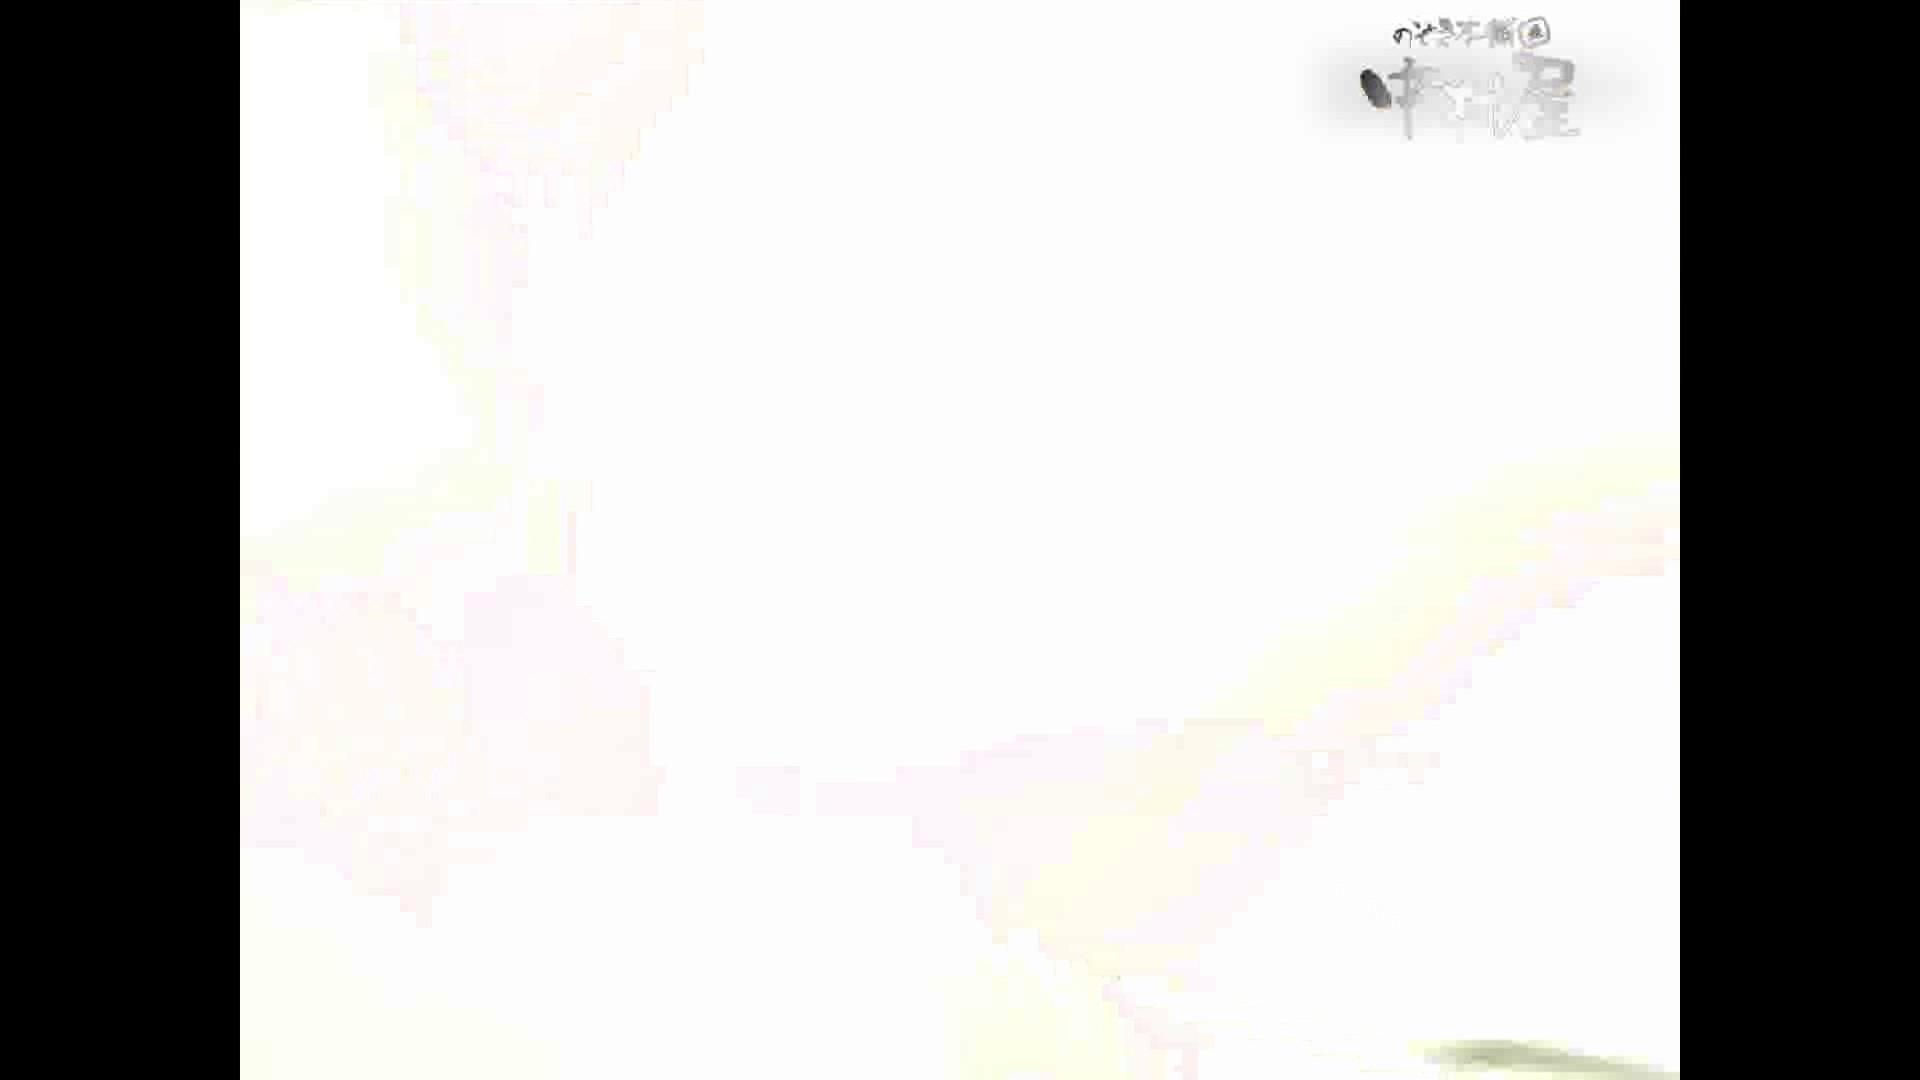 岩手県在住盗撮師盗撮記録vol.23 お姉さんハメ撮り  47Pix 42